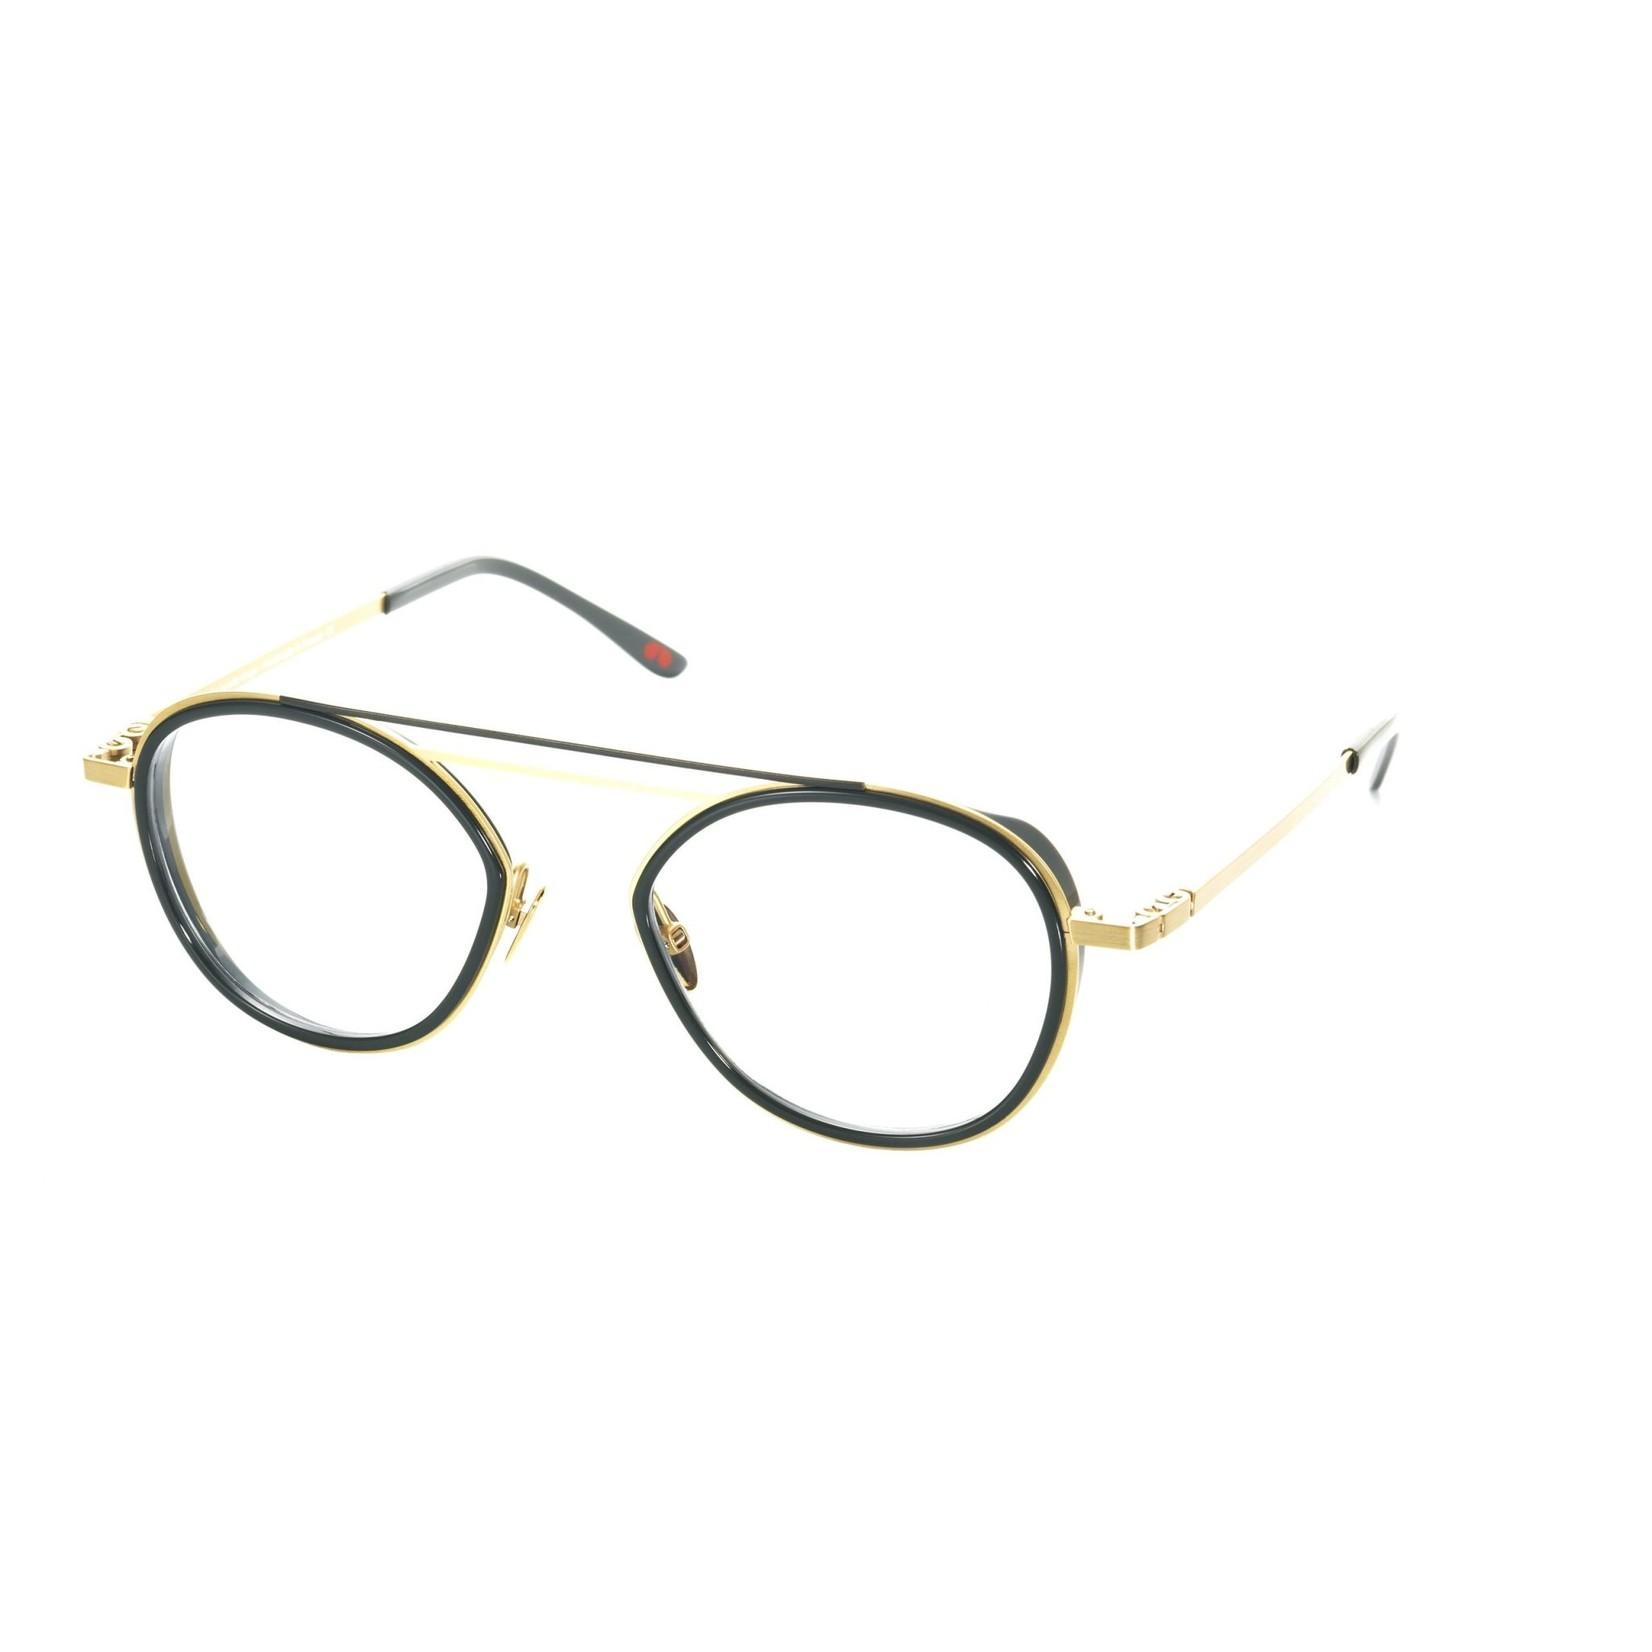 La Petite Lunette Eyewear LPLR Clenah